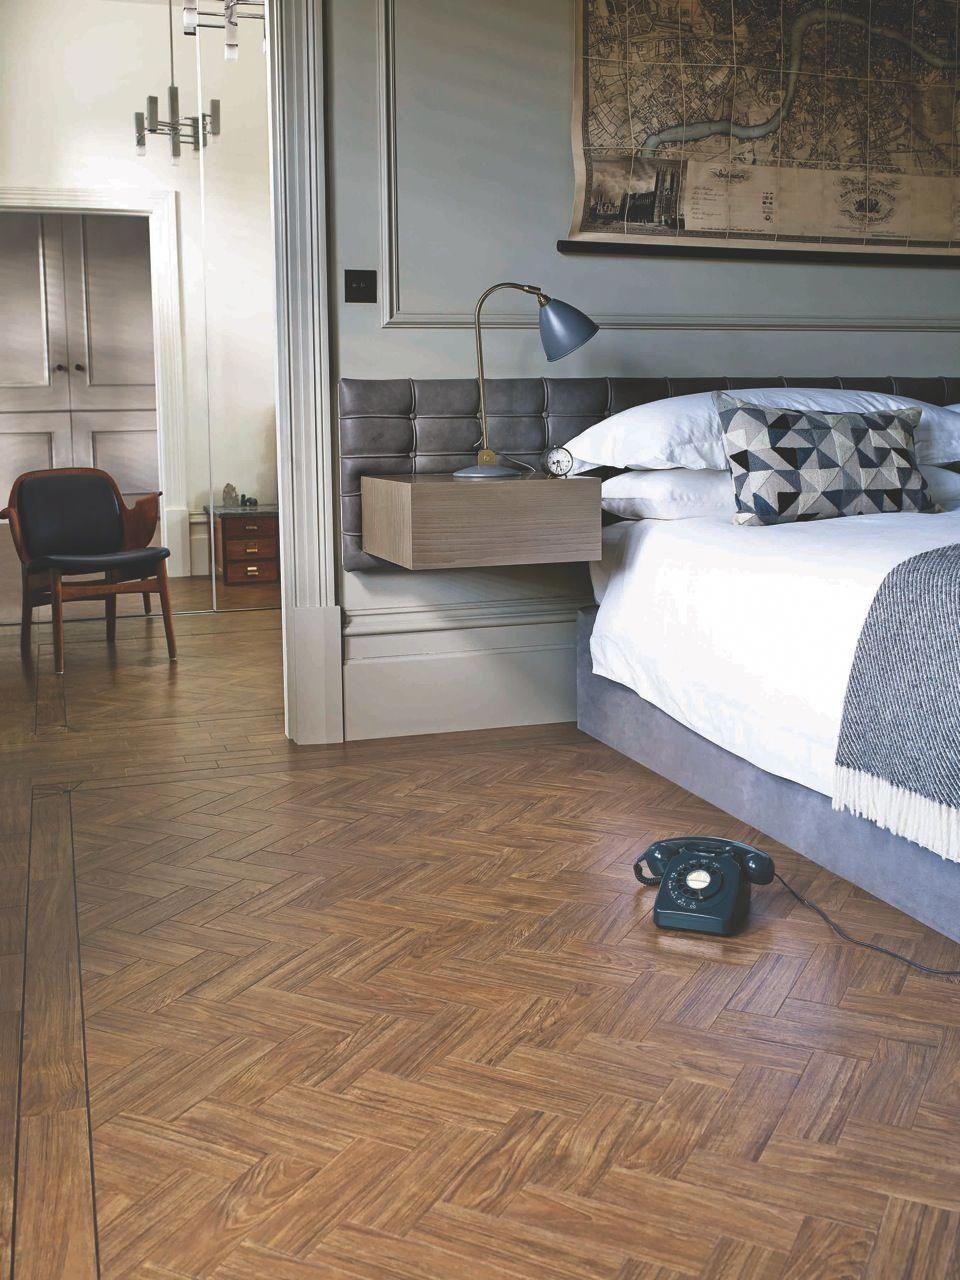 Amtico herringbone hardwoodflooringhallway Bedroom